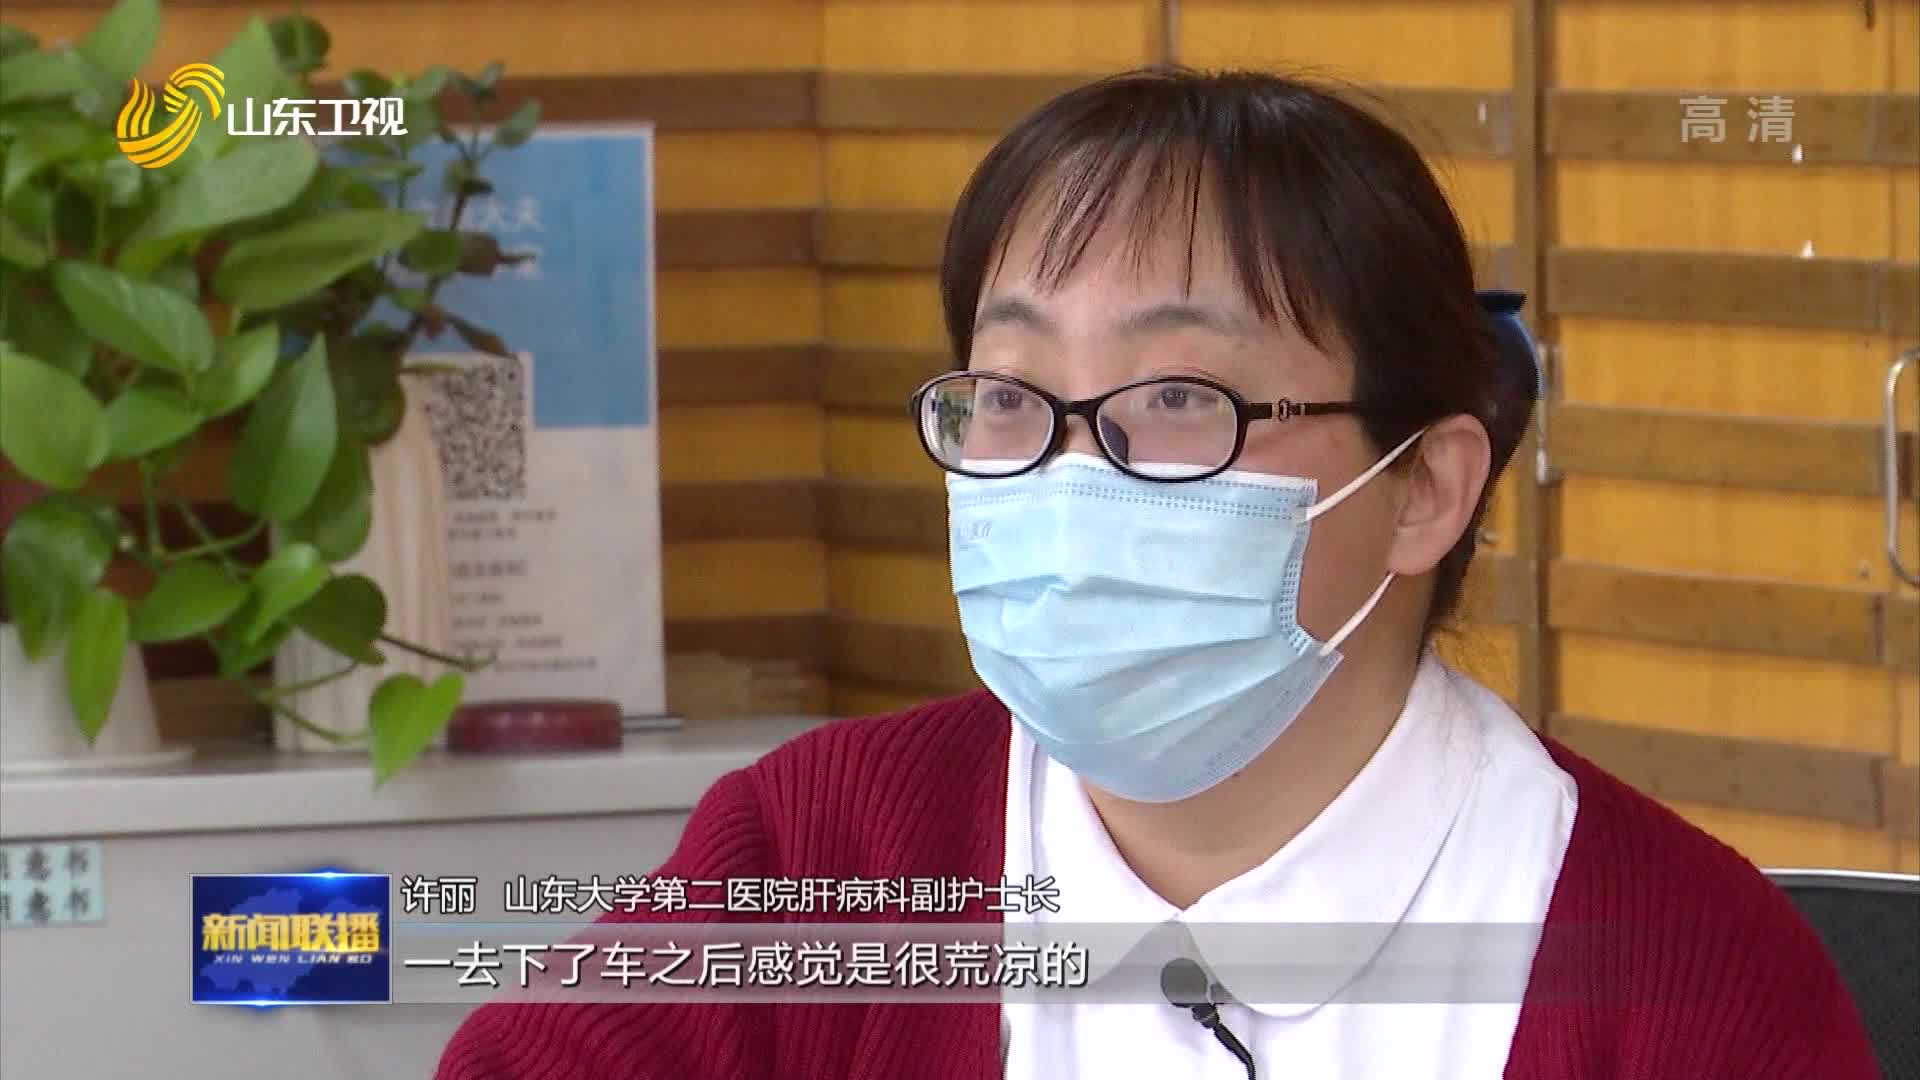 """【每个人都了不起】抗""""疫""""夫妻许丽 刘义庆:爱与坚守同在"""